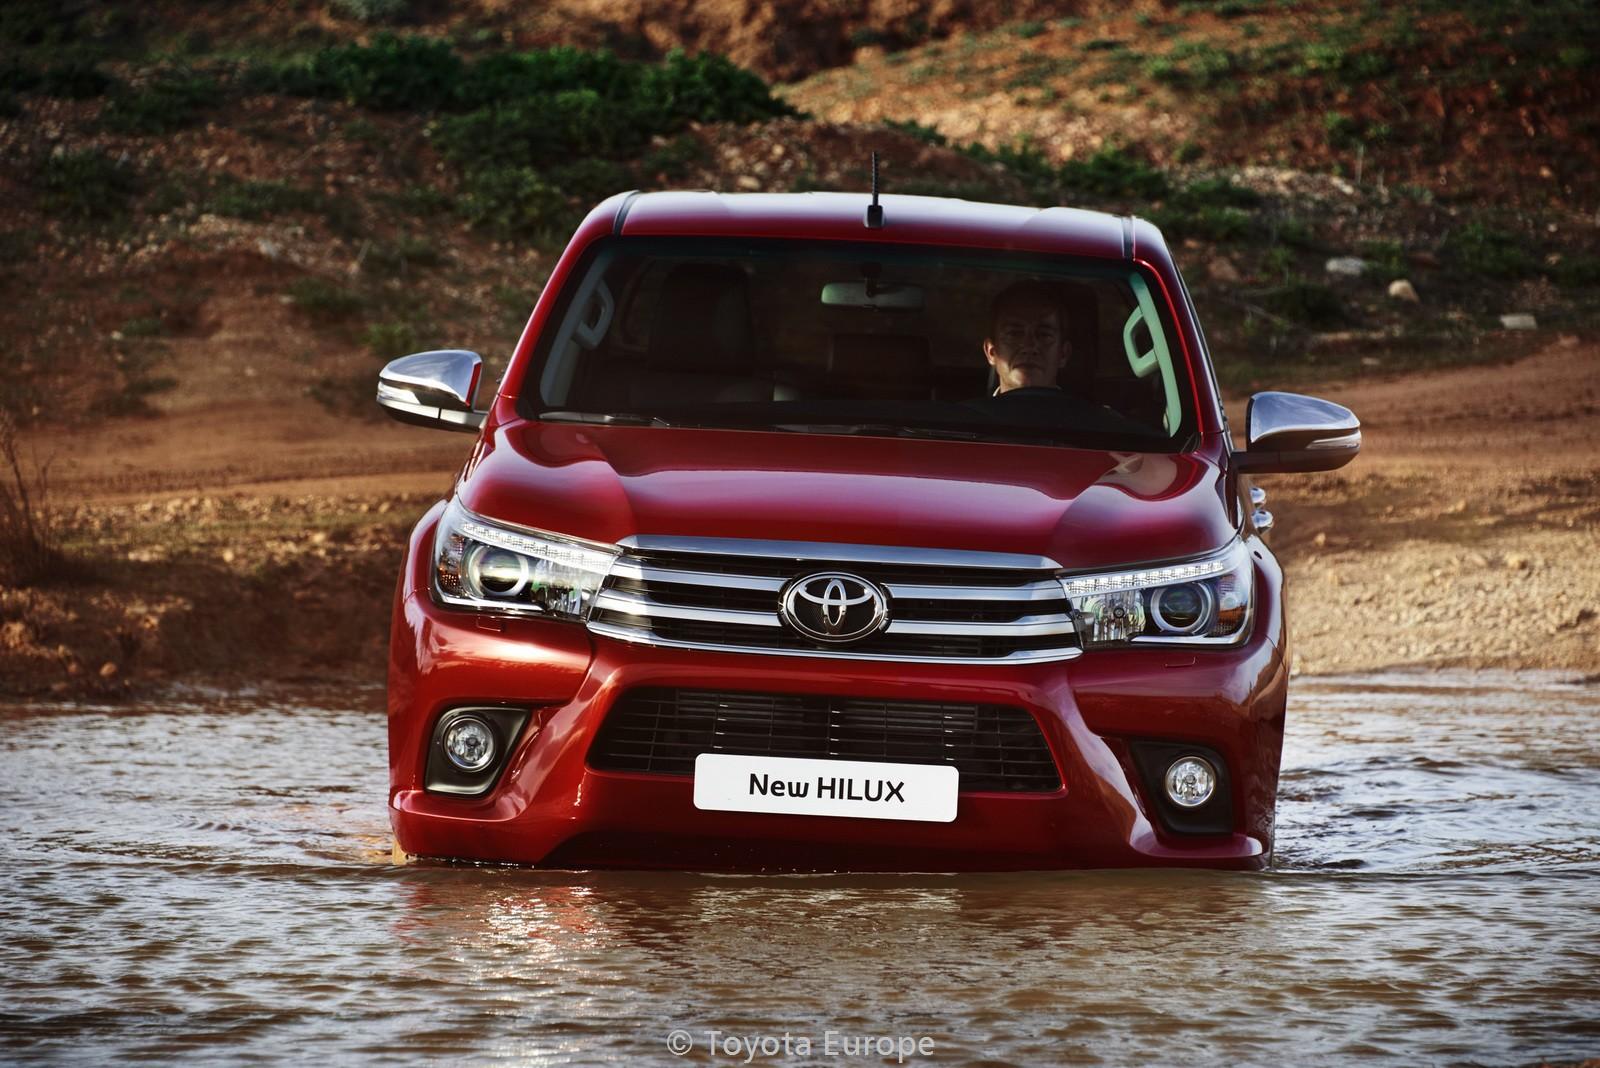 Toyota-Hilux-EU-spec-30